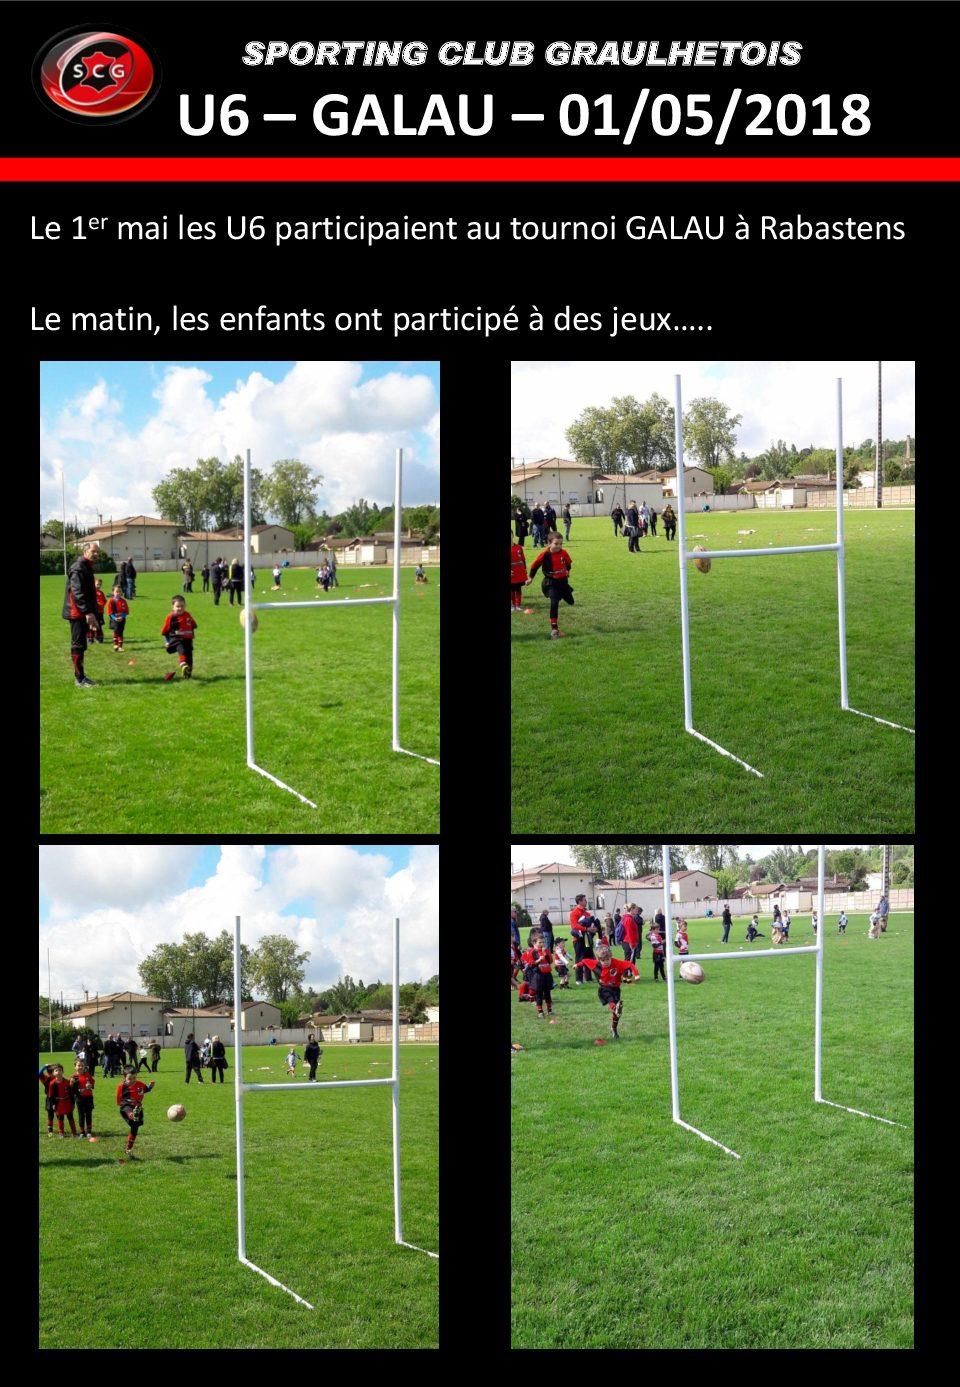 http://scg-rugby.com/wp-content/uploads/2018/05/GALAU-U6-1-pdf-2.jpg